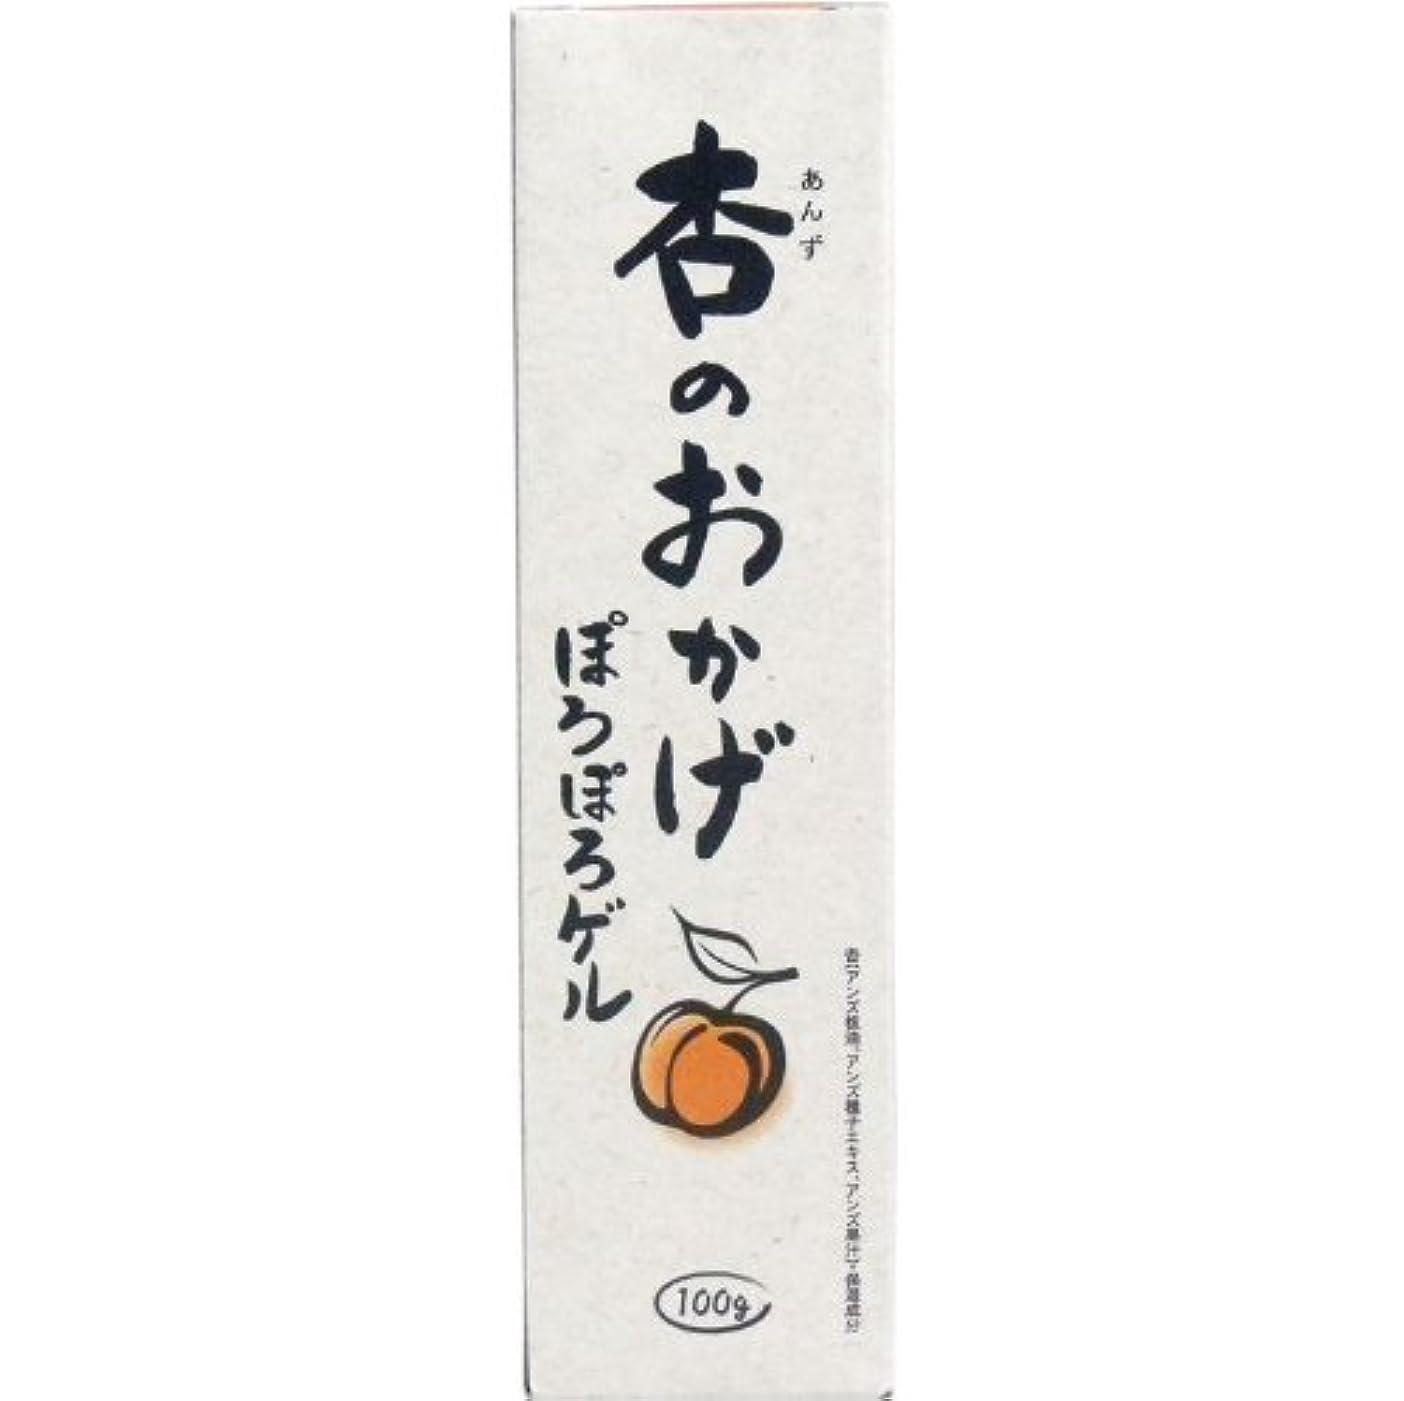 正当な維持するペイント杏のおかげ ぽろぽろゲル 100g【2個セット】